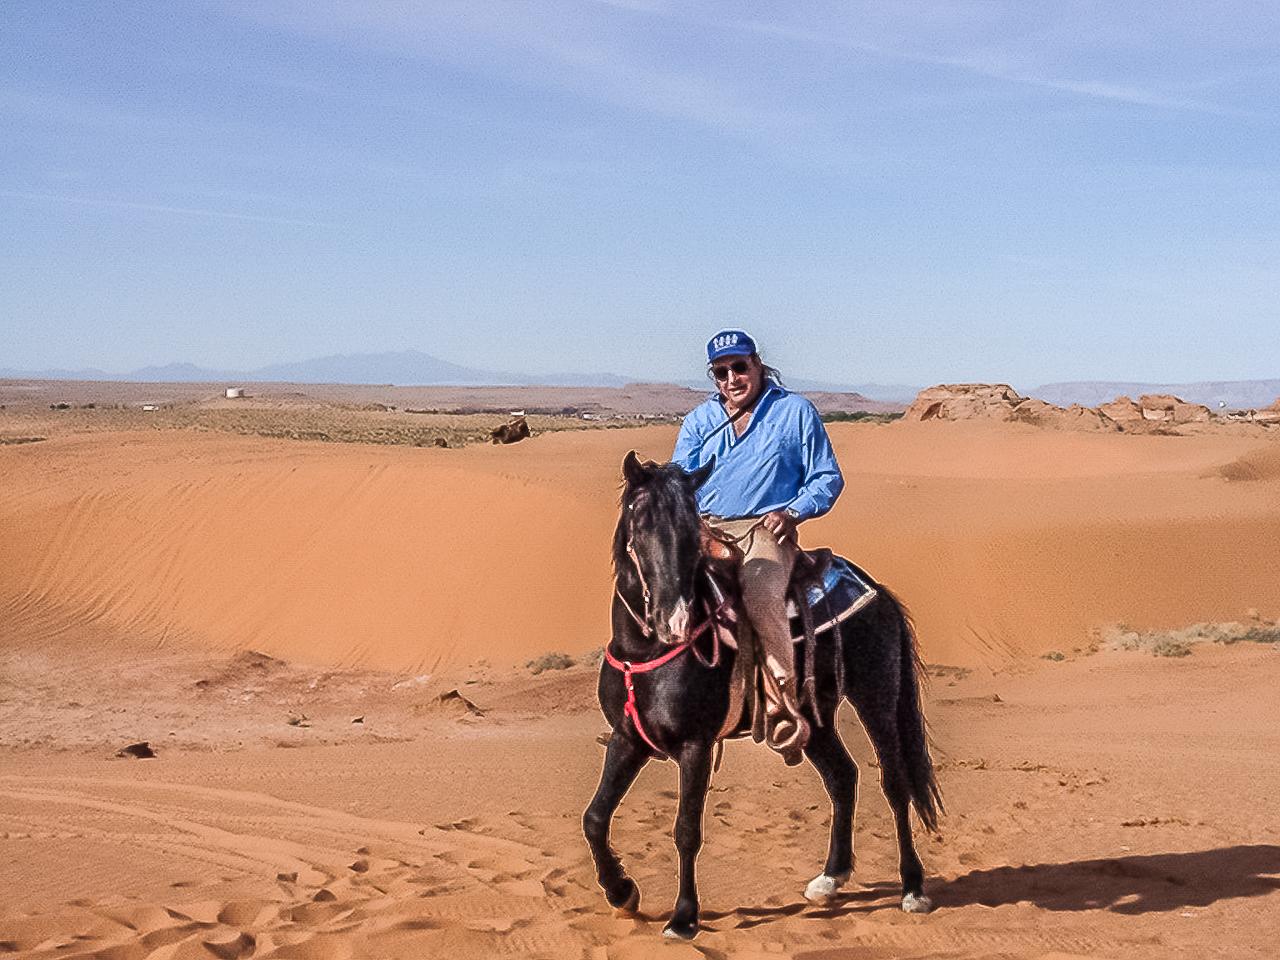 Tom Rides His Stallion Timmy On Tuba City's Dunes